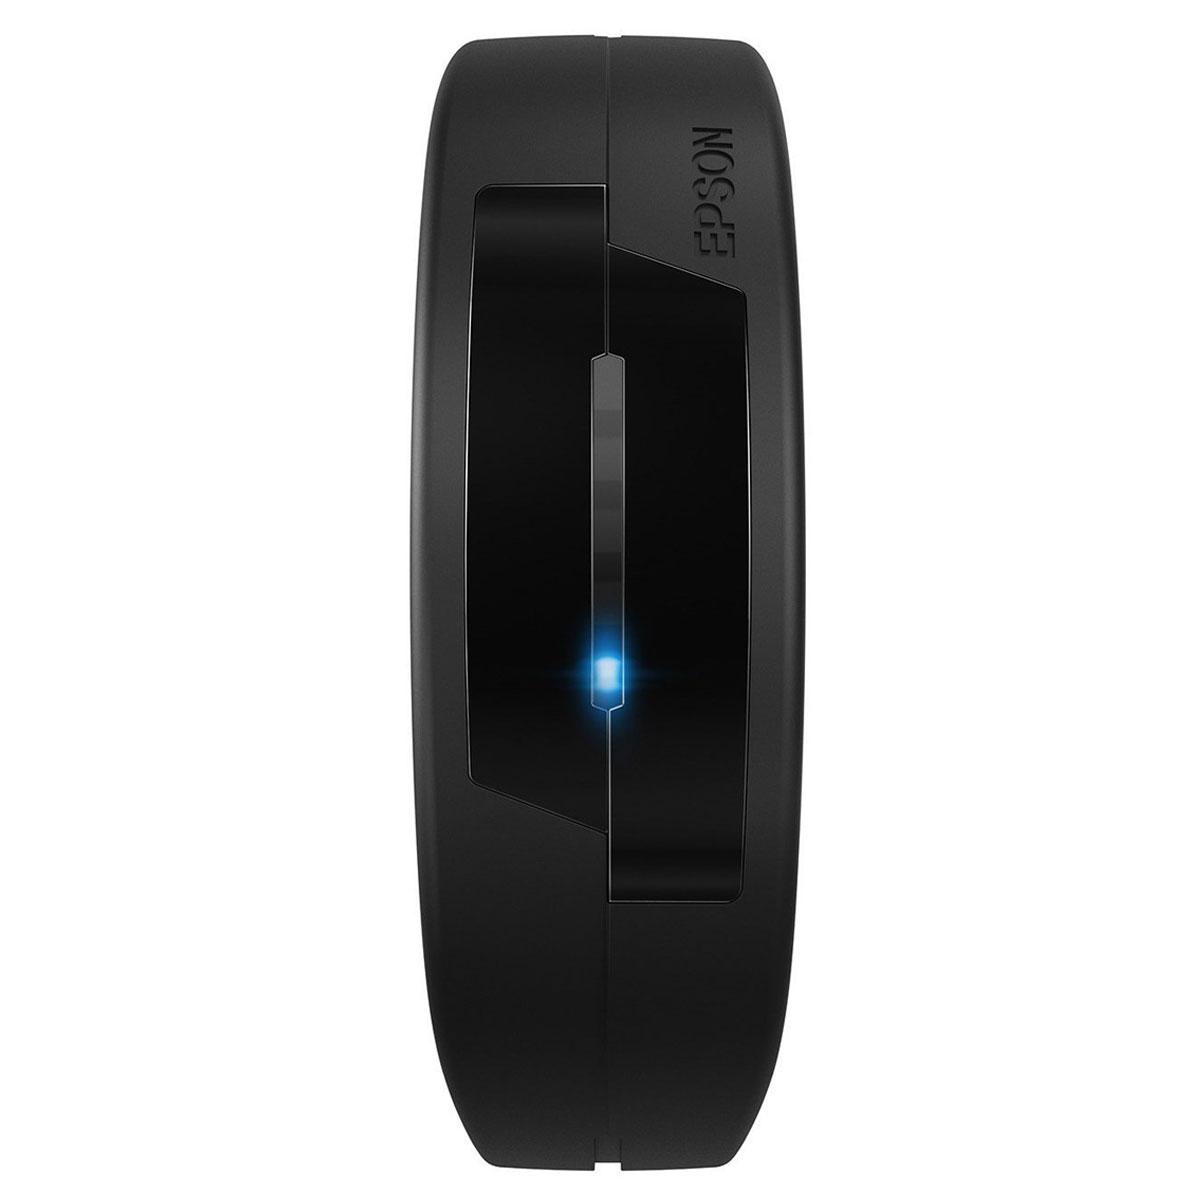 Epson pulsense ps 100 noir s m bracelet connect epson - Objet connecte sans fil ...